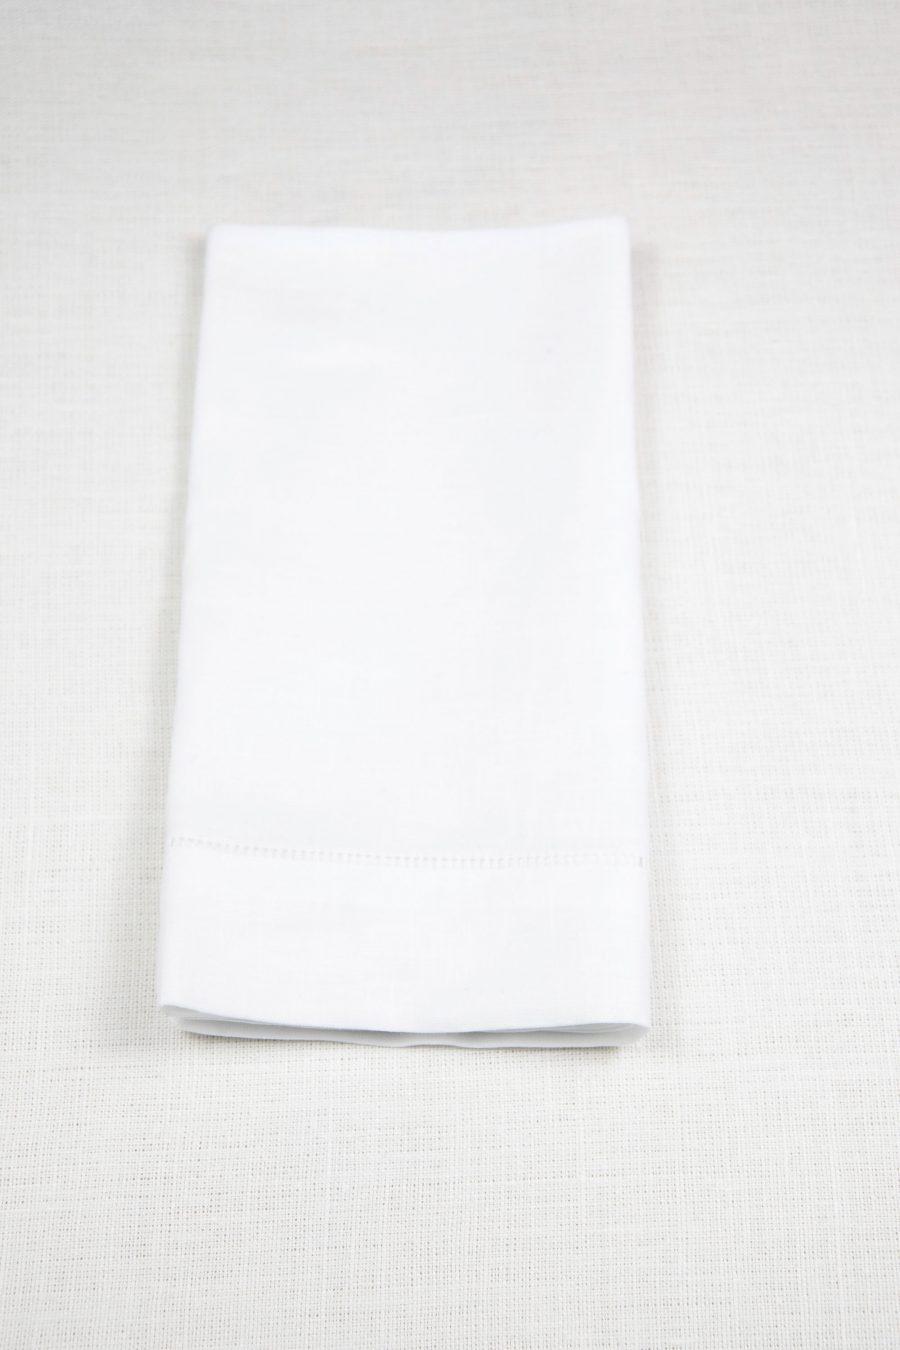 Napkin-White-900x1350.jpg